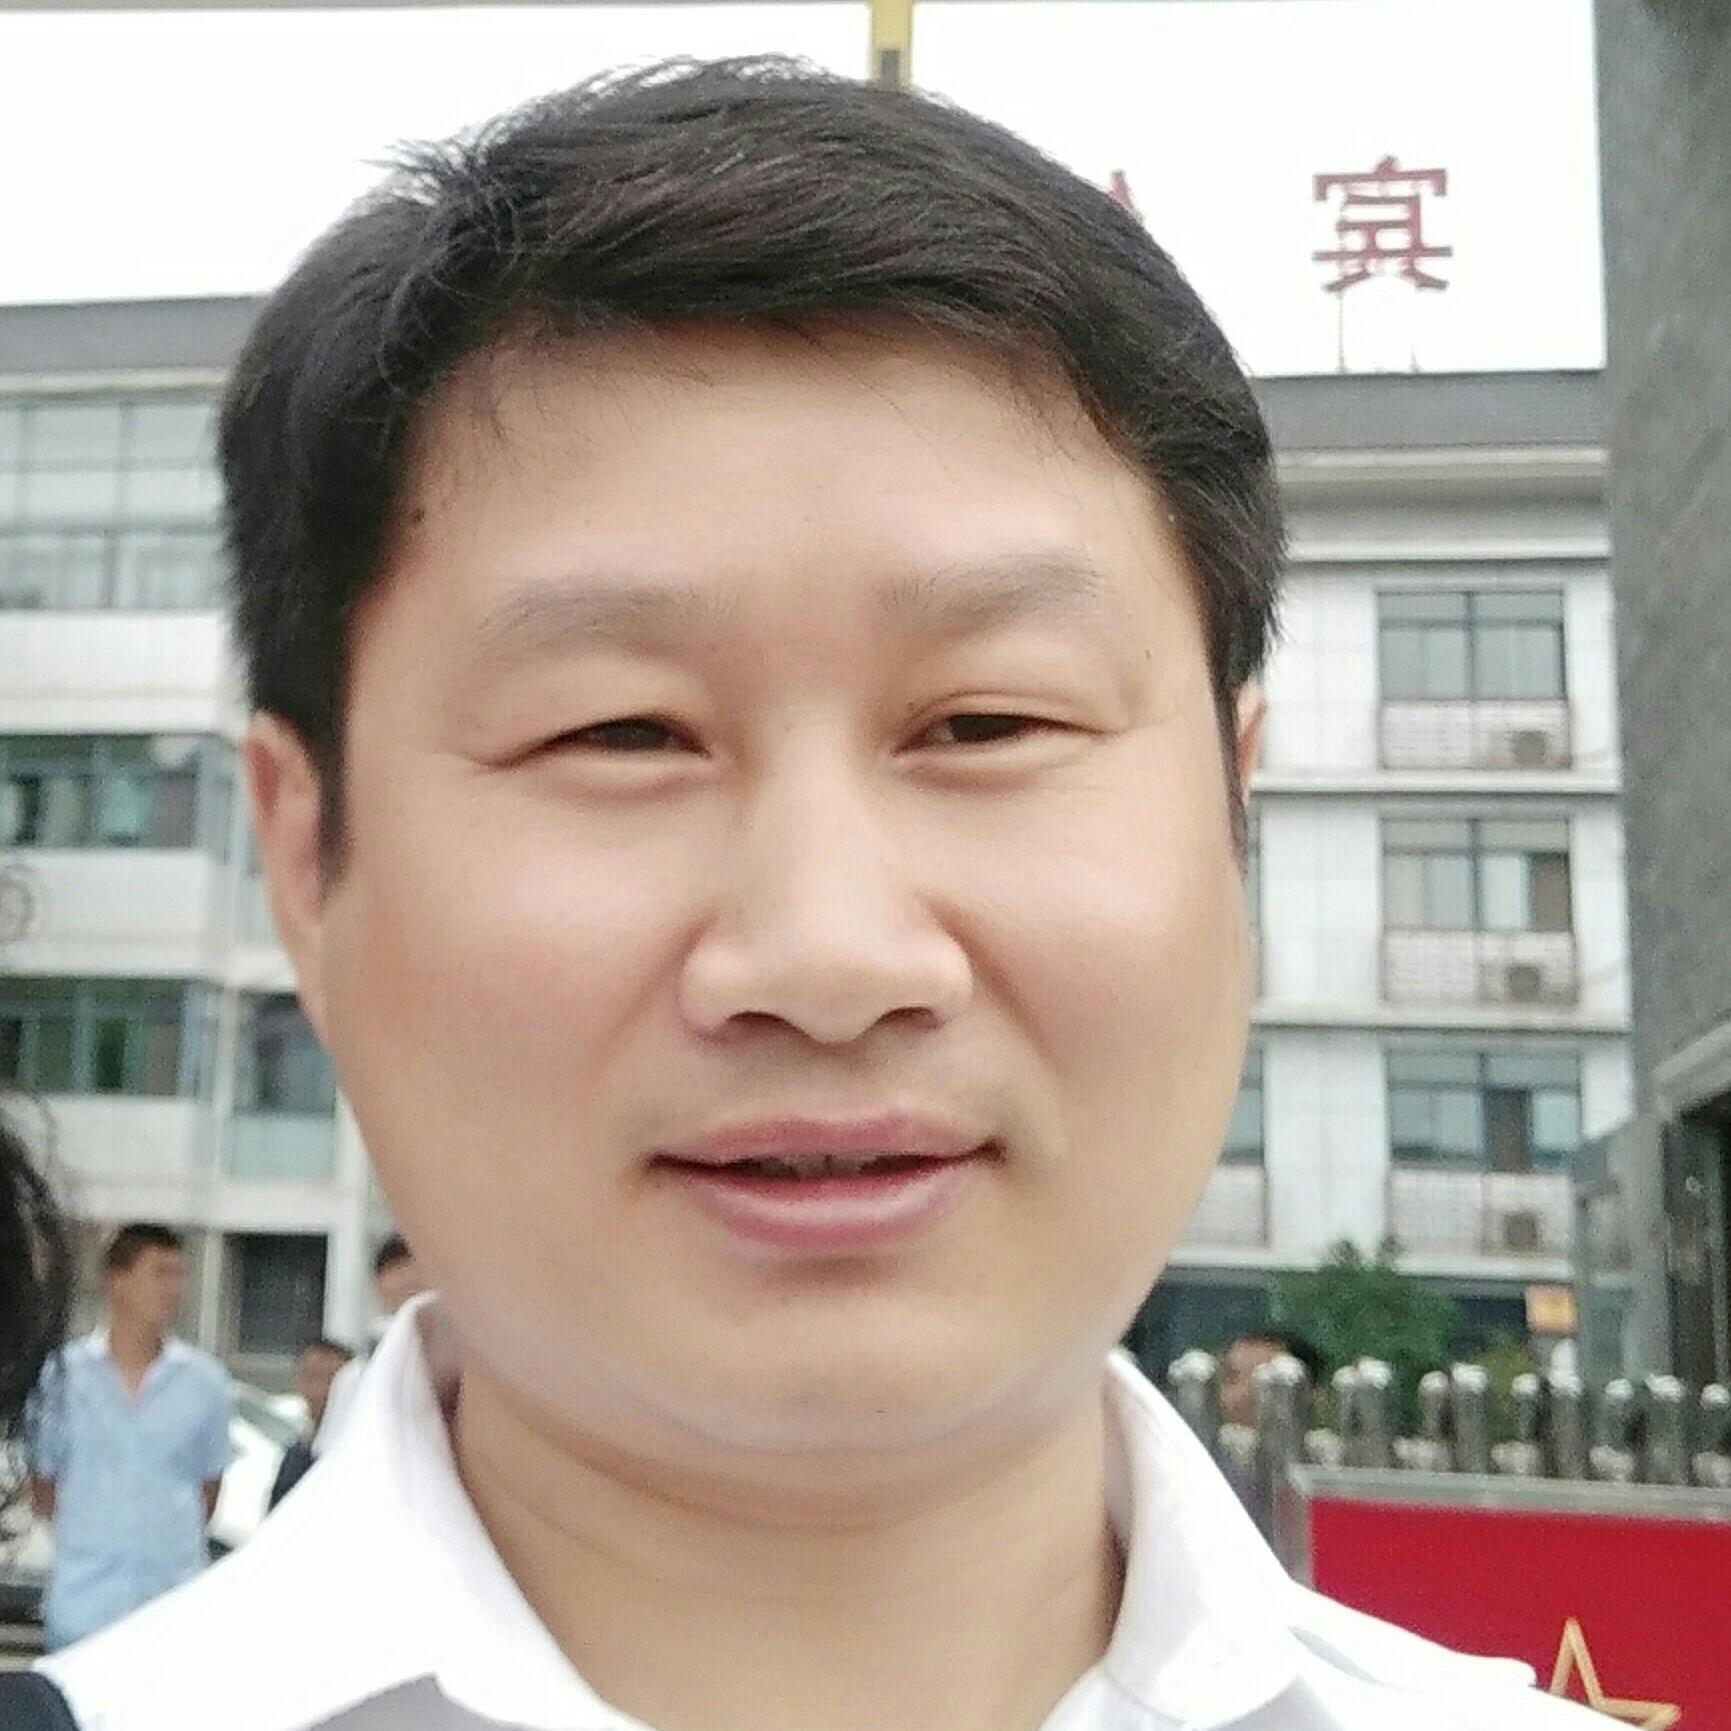 华庭装饰公司经理陈有春照片